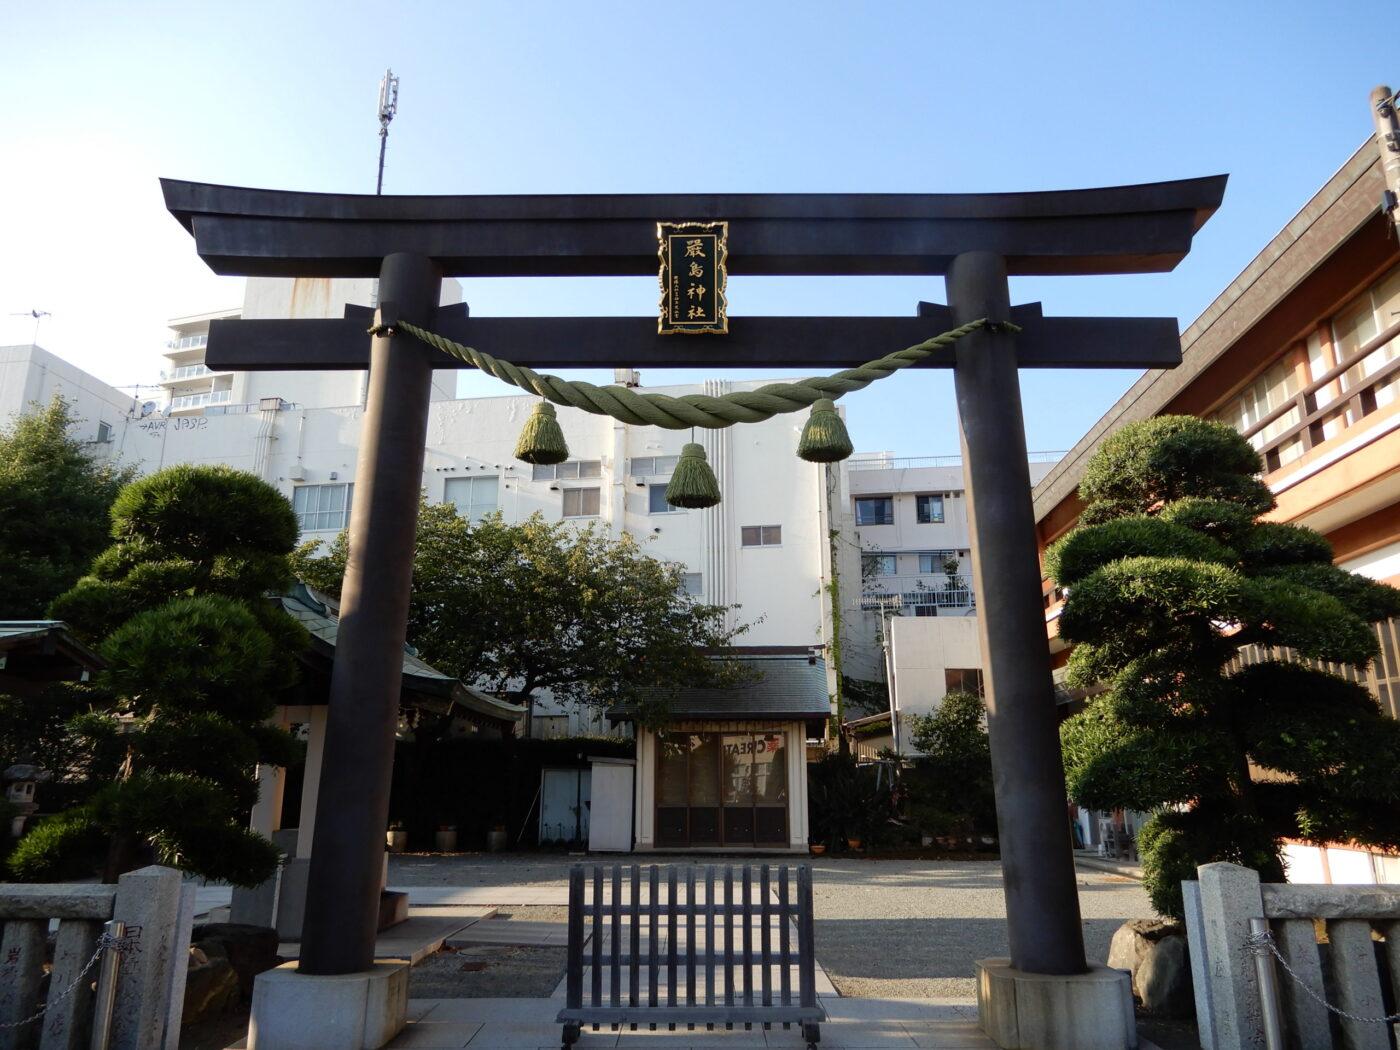 嚴島神社の写真